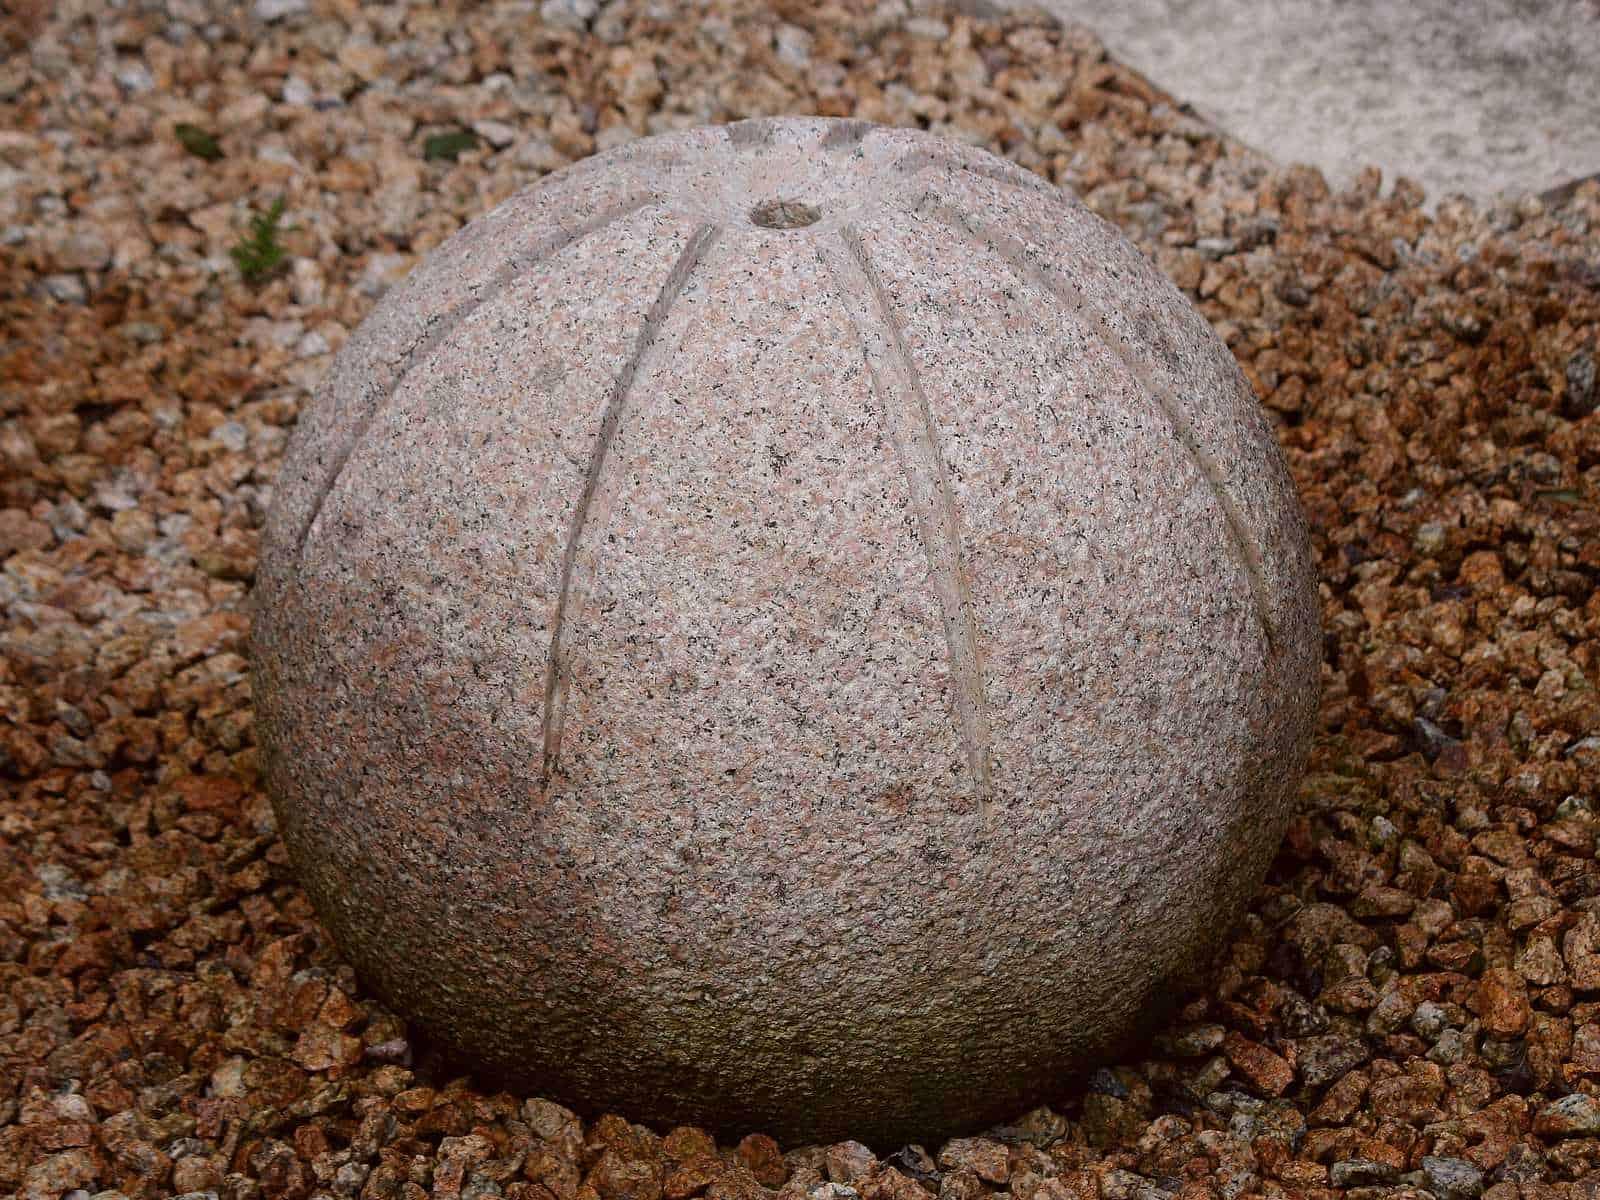 Gartenbrunnen Kugel gesichelt